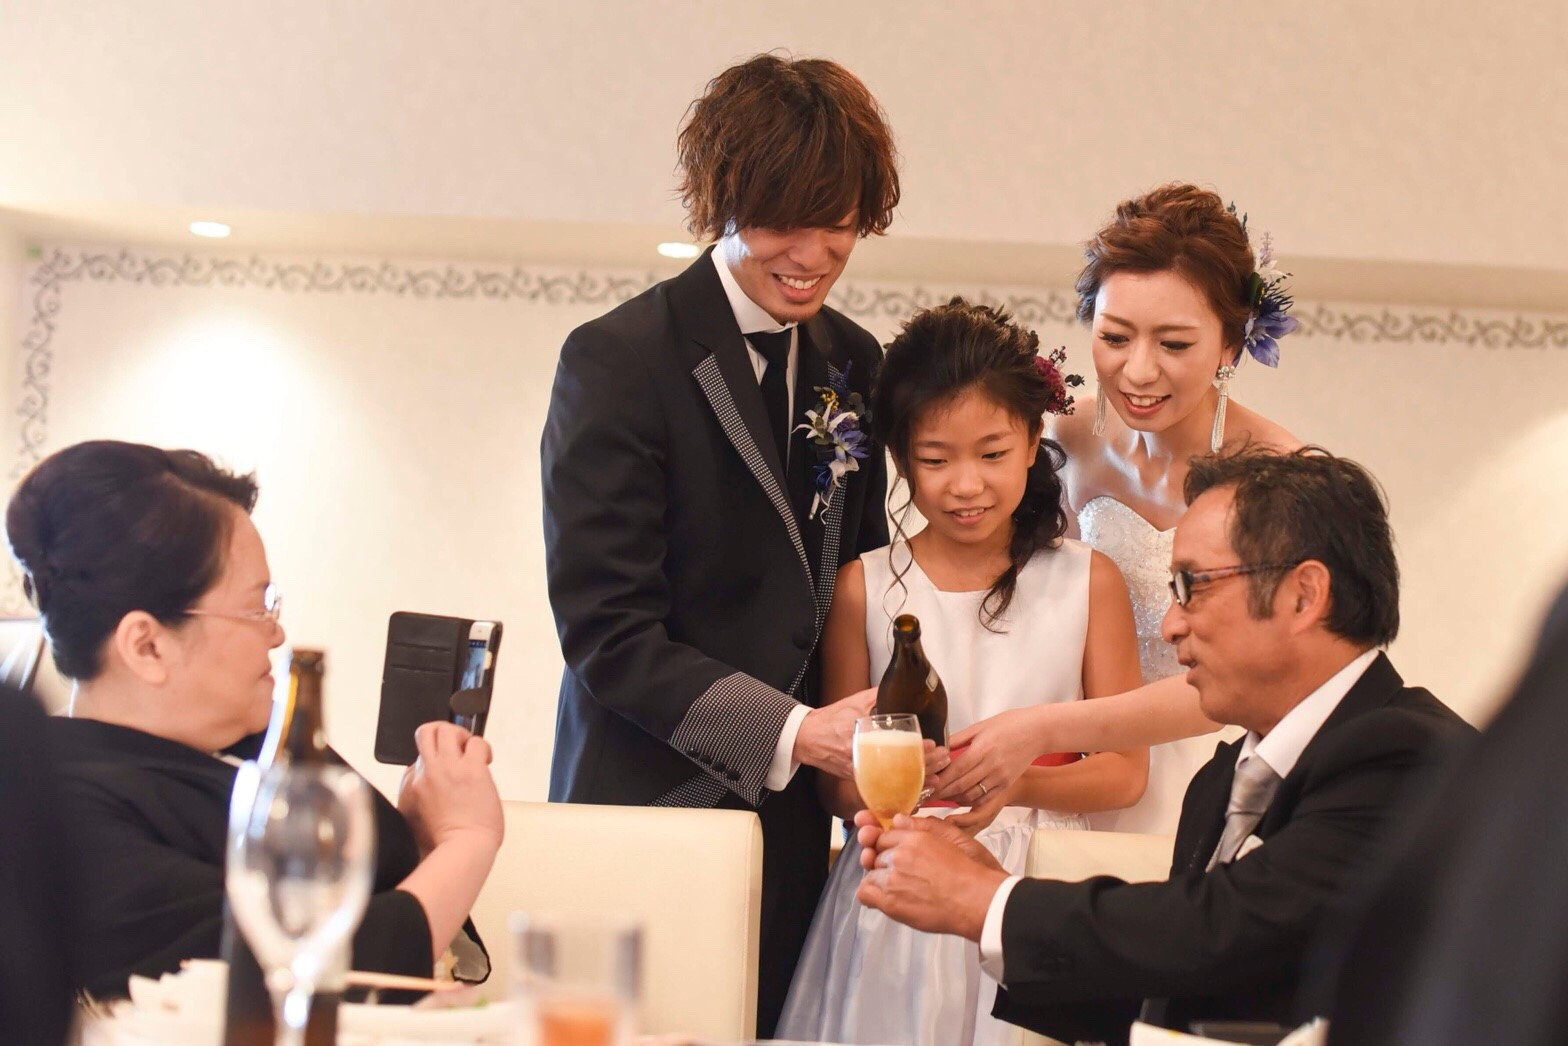 香川県高松市の小さな結婚式紹介所マリマリコンシェルジュで親族のみの食事会を